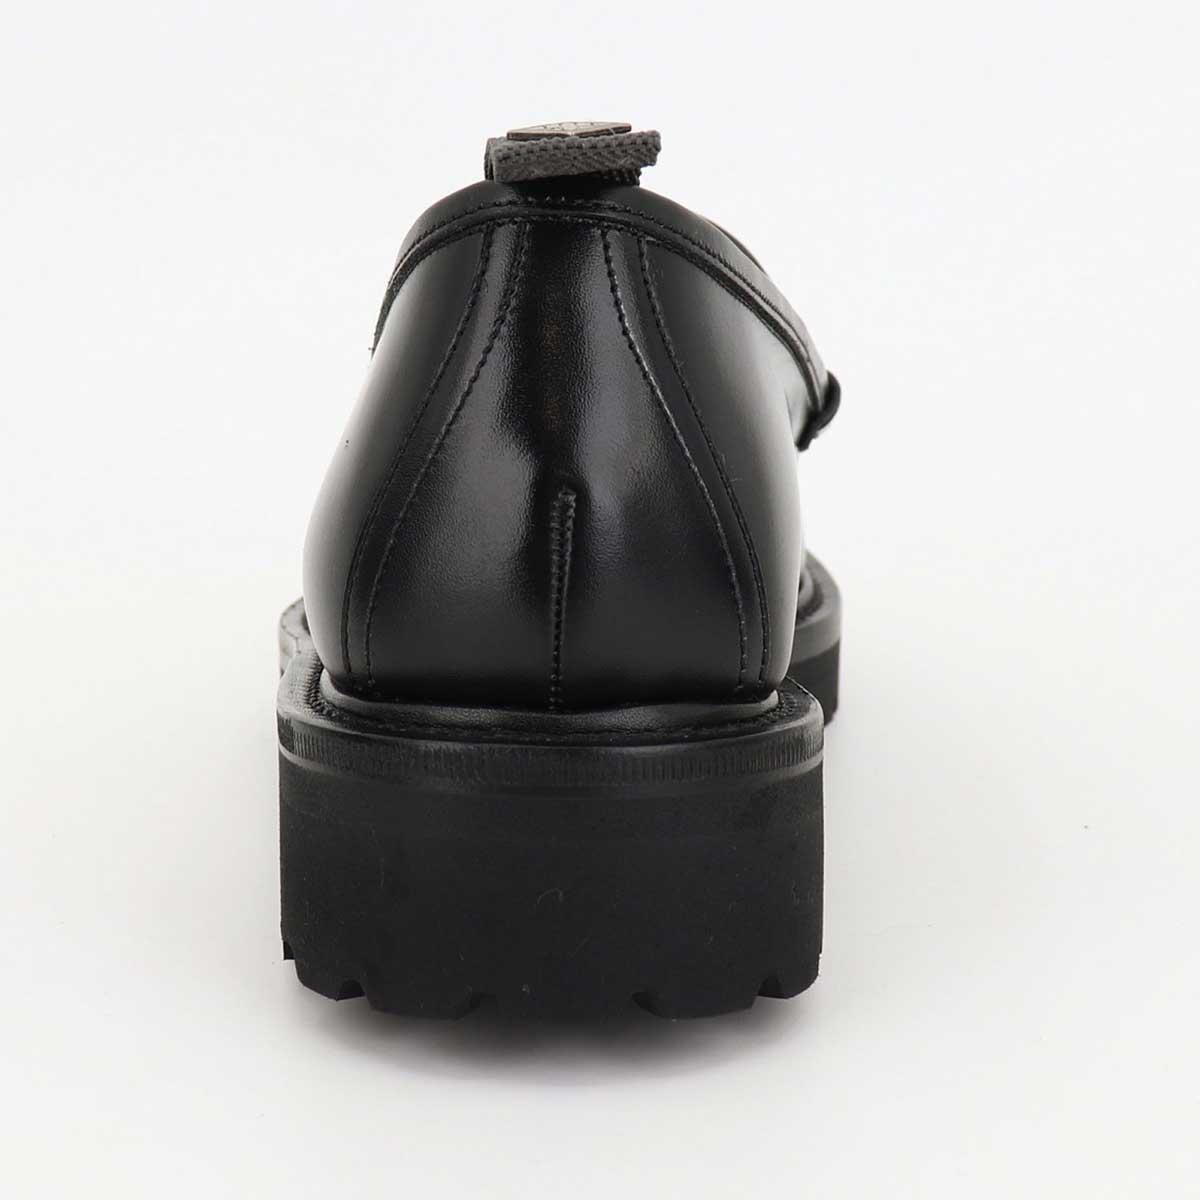 ダブルエイチ WH メンズ カーフレザー ビットローファー 干場氏別注モデル WHS-0504 BLK×BLK(ブラック)